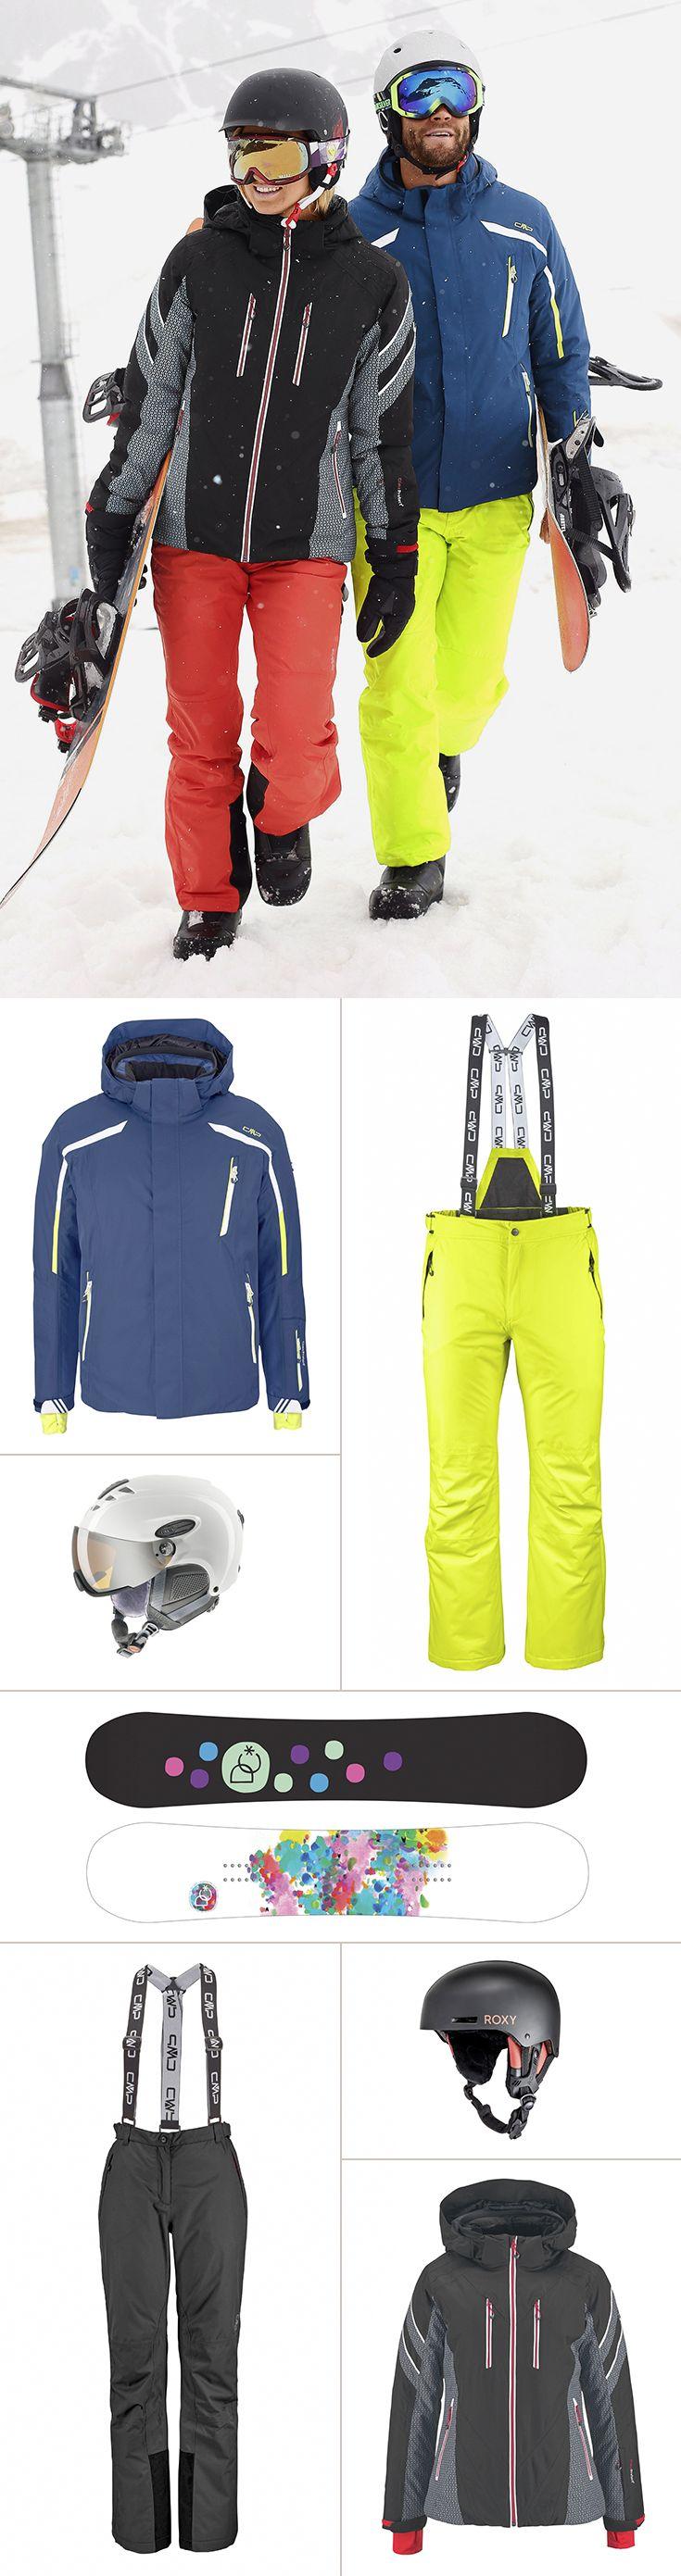 Du gehörst zu den Lords of the boards? Dann sind diese Snowboard-Outfits wie für dich gemacht! Kombiniere stylische Designs mit besten Funktionseigenschaften und maximaler Bewegungsfreiheit – für deinen actionreichen Tag auf dem Brett.